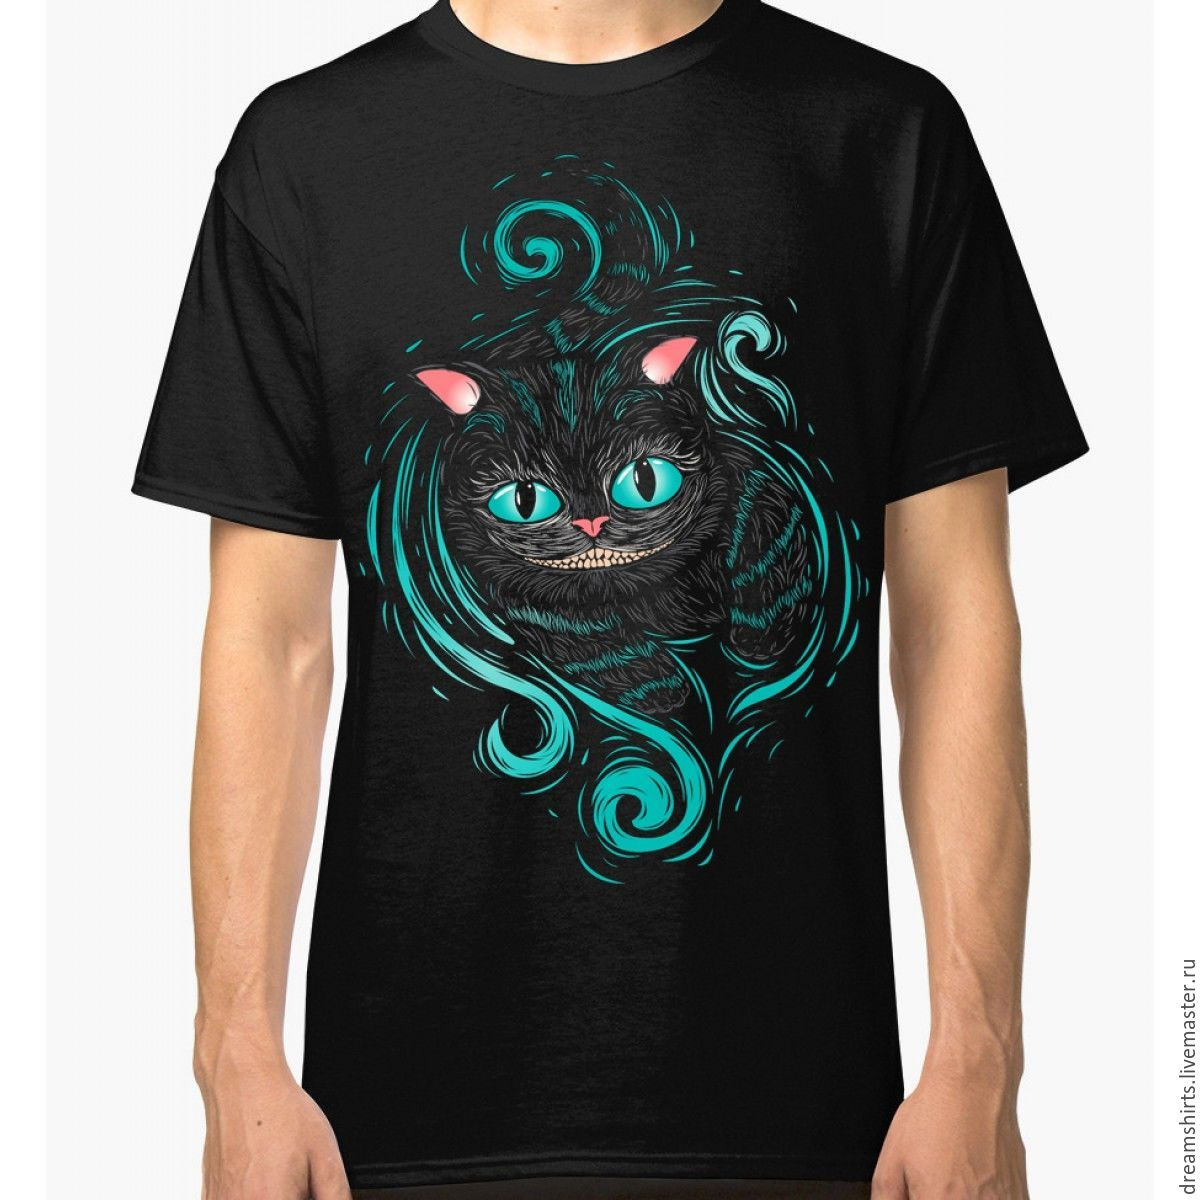 нового футболкт с картинками кошку, даже если